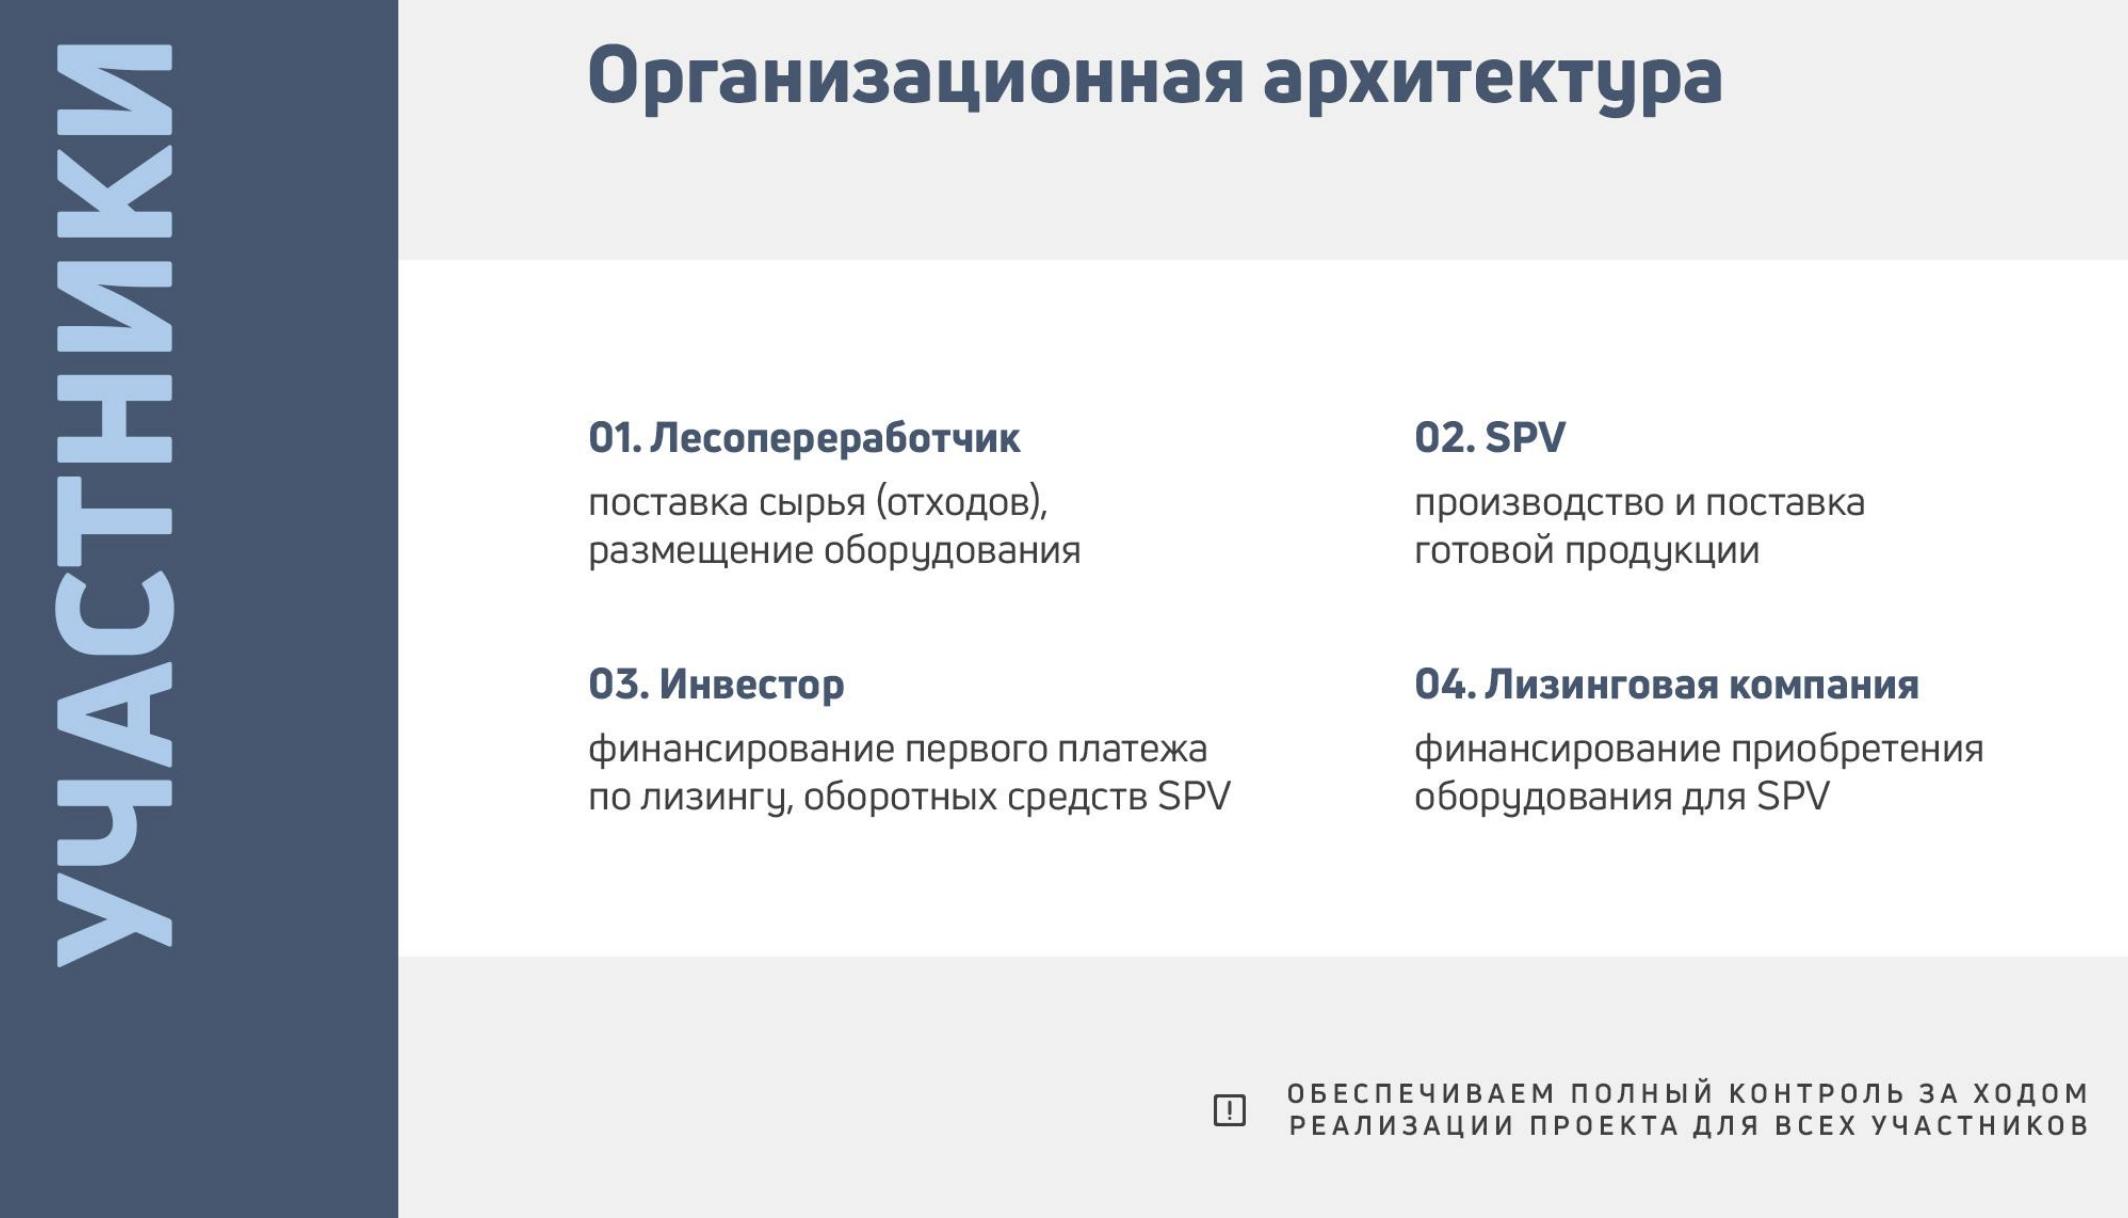 В презентации написано, что производством будет заниматься «Эмерсон-консалтинг» — владелец сервиса I. F. Russia, который предлагает вкладываться в этот якобы независимый проект